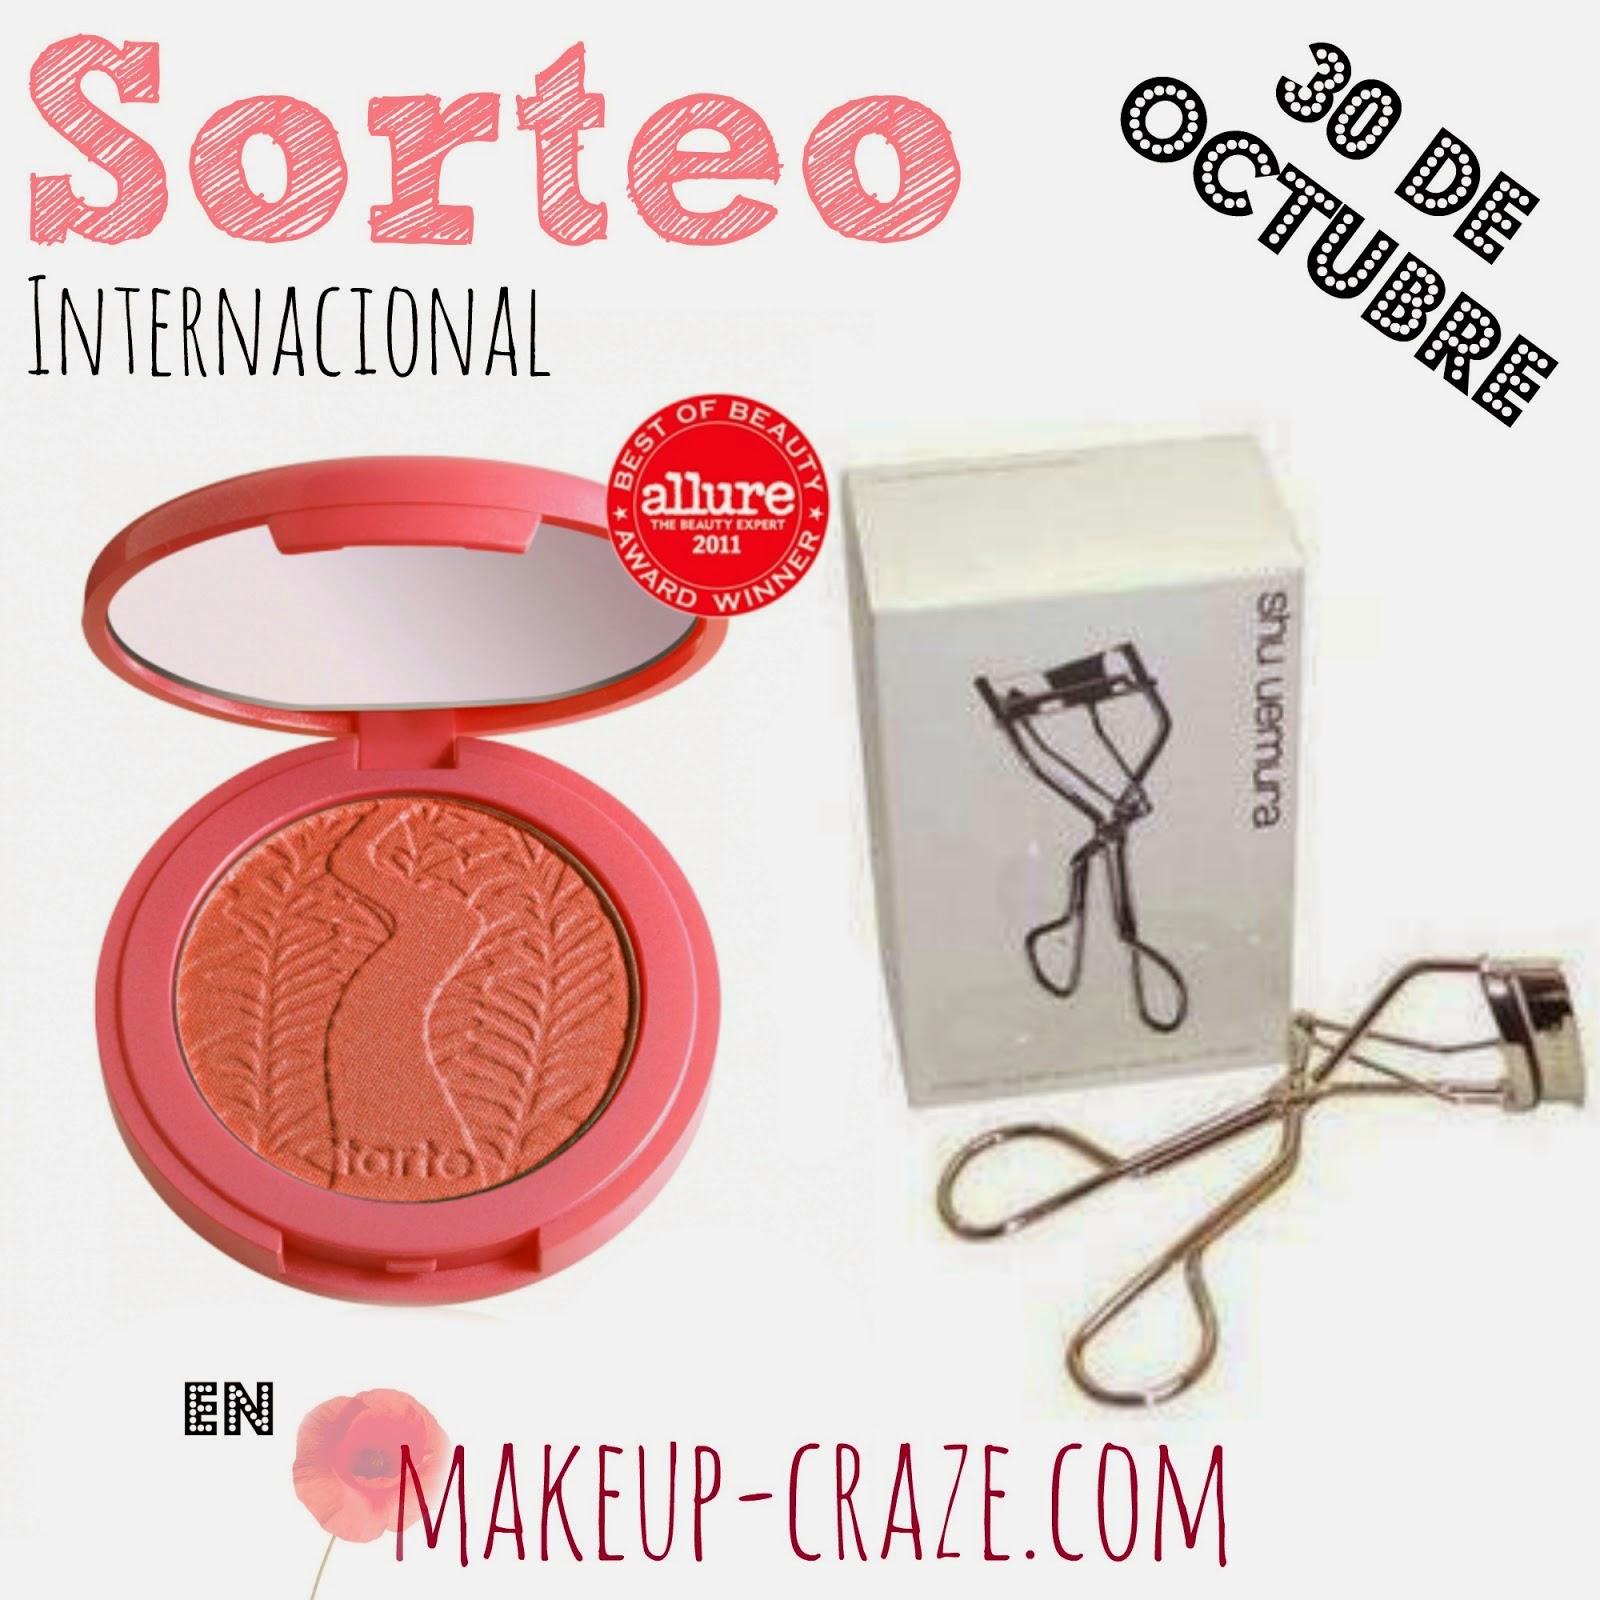 Sorteo en Makeup-Craze.com